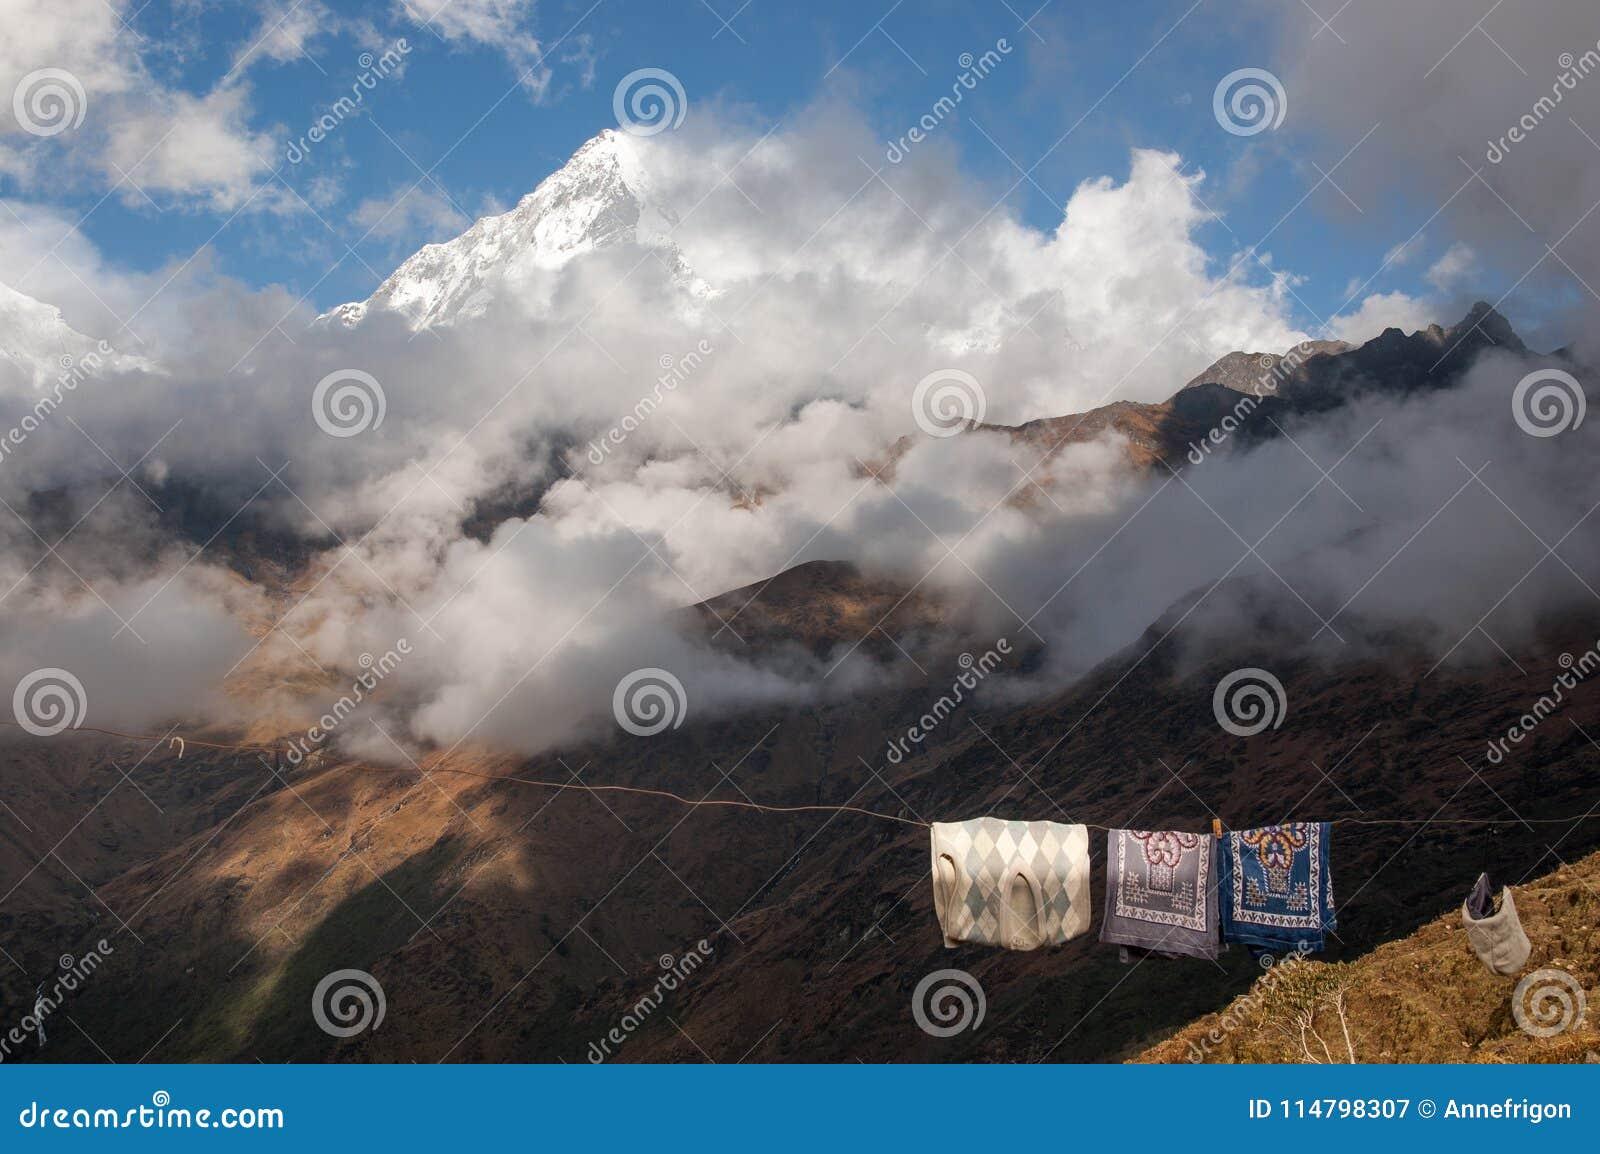 Ungewöhnliche Nebeneinanderstellung - Trocknen der Wäscherei und der Himalajaspitzen mit